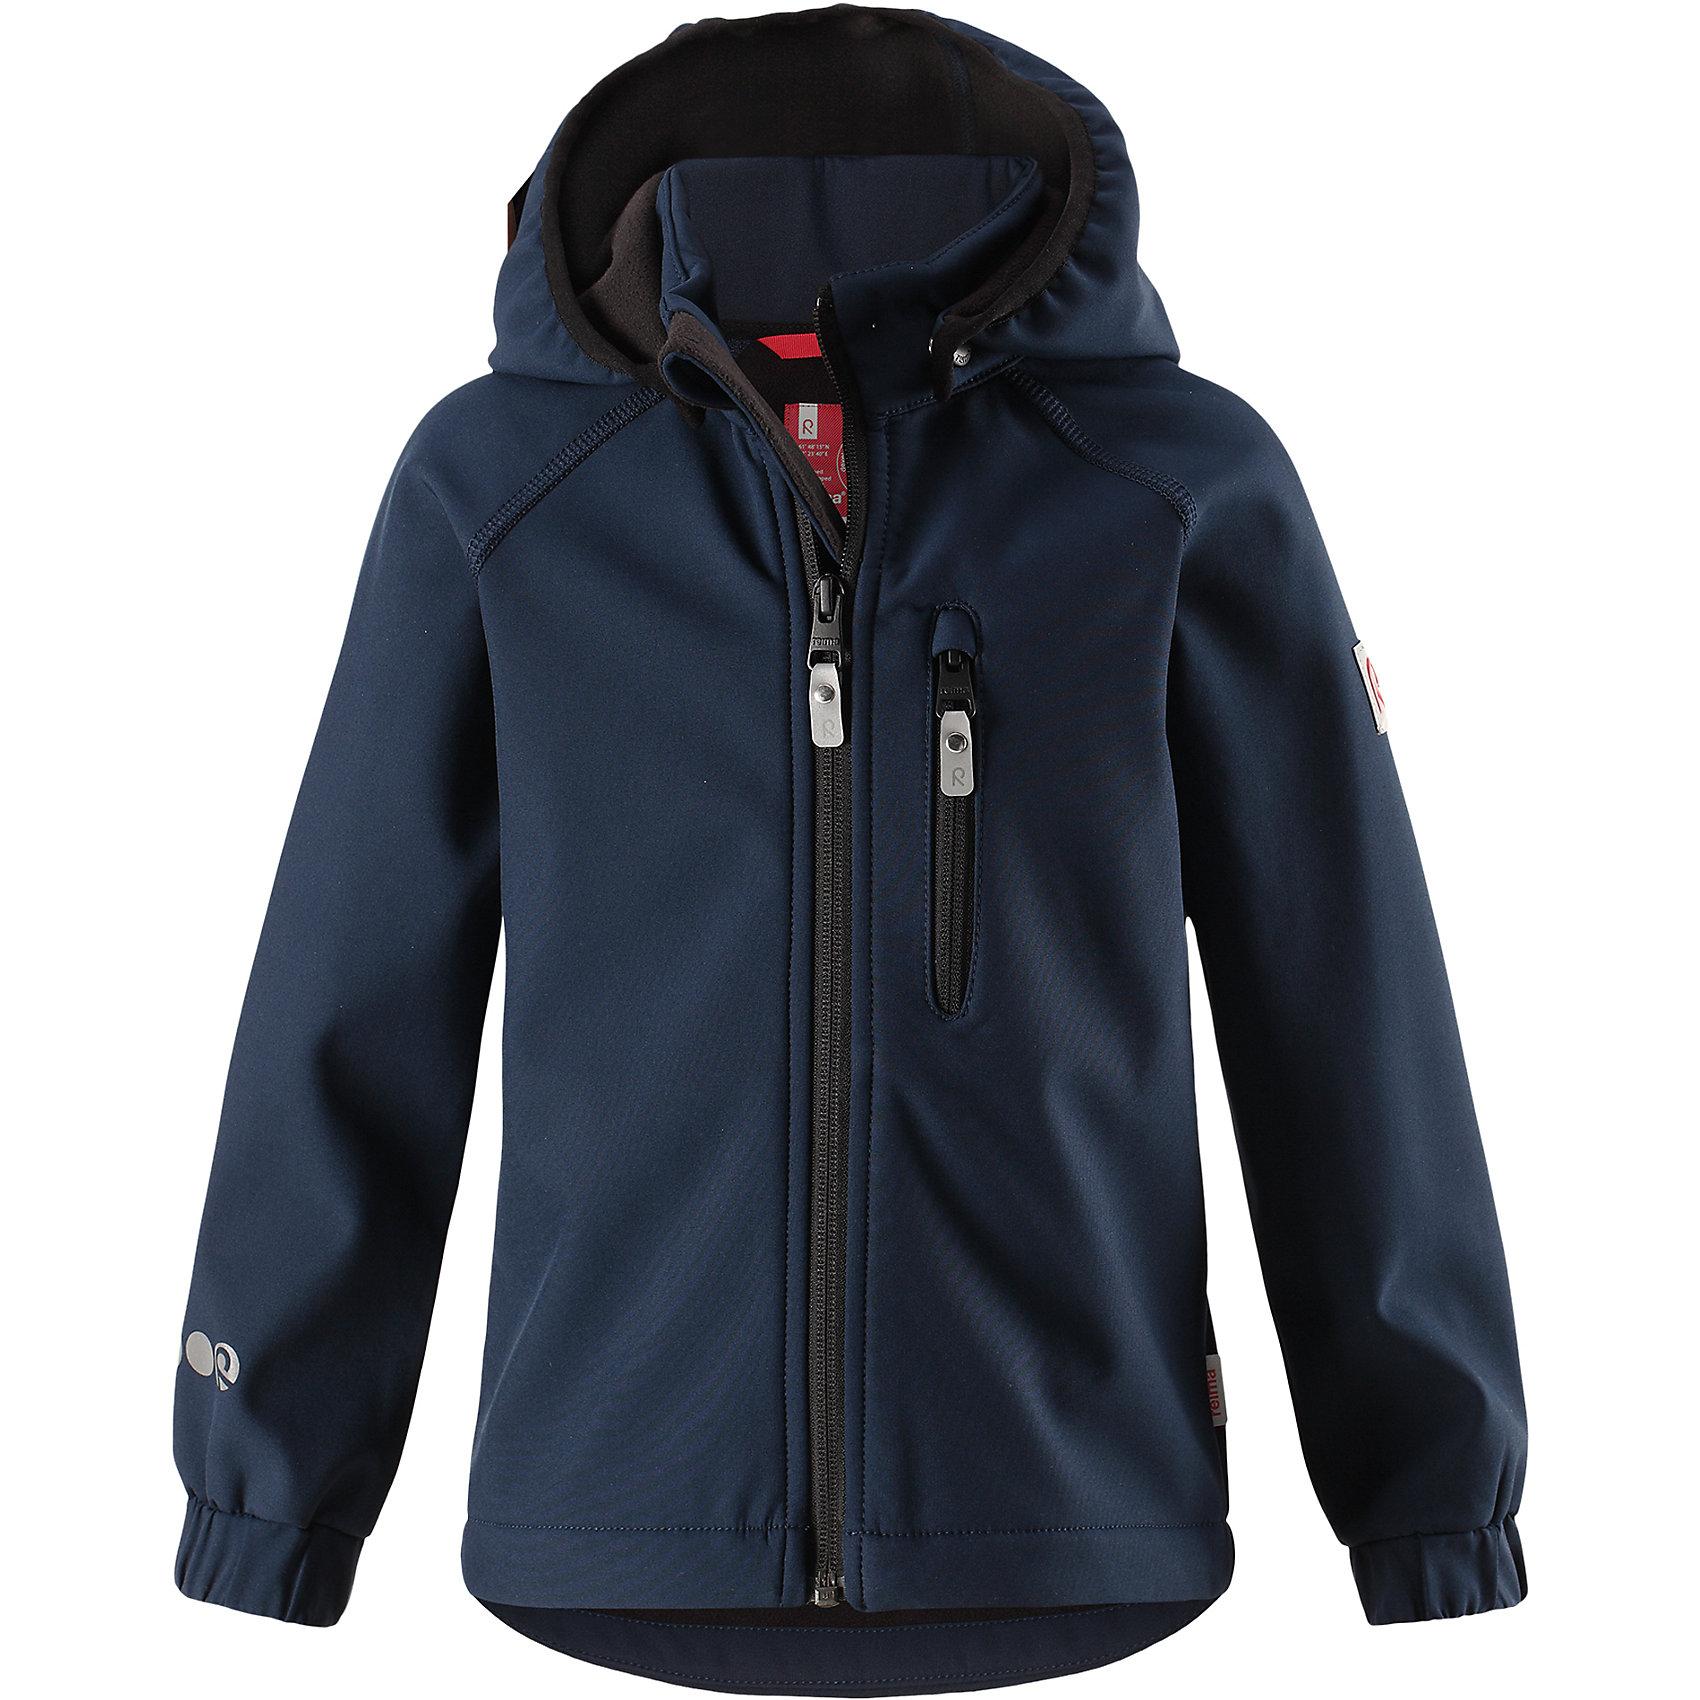 Куртка Vantti ReimaФлис и термобелье<br>Характеристики товара:<br><br>• цвет: темно-синий;<br>• состав: 95% полиэстер, 5% эластан, полиуретановое покрытие;<br>• утеплитель: без утеплителя;<br>• сезон: демисезон;<br>• температурный режим: от +5 до +15С;<br>• водонепроницаемость: 10000 мм;<br>• воздухопроницаемость: 4000 мм;<br>• водоотталкивающий, ветронепроницаемый и дышащий материал;<br>• многослойный материал, с изнаночной стороны - флис;<br>• водонепроницаемый материал softshell;<br>• застежка: молния с защитой подбородка от защемления;<br>• безопасный съемный капюшон;<br>• эластичные манжеты;<br>• карман на молнии;<br>• светоотражающие элементы;<br>• страна бренда: Финляндия;<br>• страна производства: Китай.<br><br>Демисезонная куртка с капюшоном изготовлена из водо и грязеотталкивающего материала softshell. Куртка на молнии, с флисовой подкладкой станет идеальным выбором для холодных весенних и осенних дней. Мягкий и эластичный материал softshell дарит ощущение комфорта. В двух карманах найдется место для всех мелочей. Благодаря эластичным сборкам на рукавах и подоле, куртка отлично сидит. Куртка без подкладки. <br><br>Куртка Vantti Reima можно купить в нашем интернет-магазине.<br><br>Ширина мм: 356<br>Глубина мм: 10<br>Высота мм: 245<br>Вес г: 519<br>Цвет: синий<br>Возраст от месяцев: 96<br>Возраст до месяцев: 108<br>Пол: Унисекс<br>Возраст: Детский<br>Размер: 134,140,92,98,104,110,116,122,128<br>SKU: 6901371